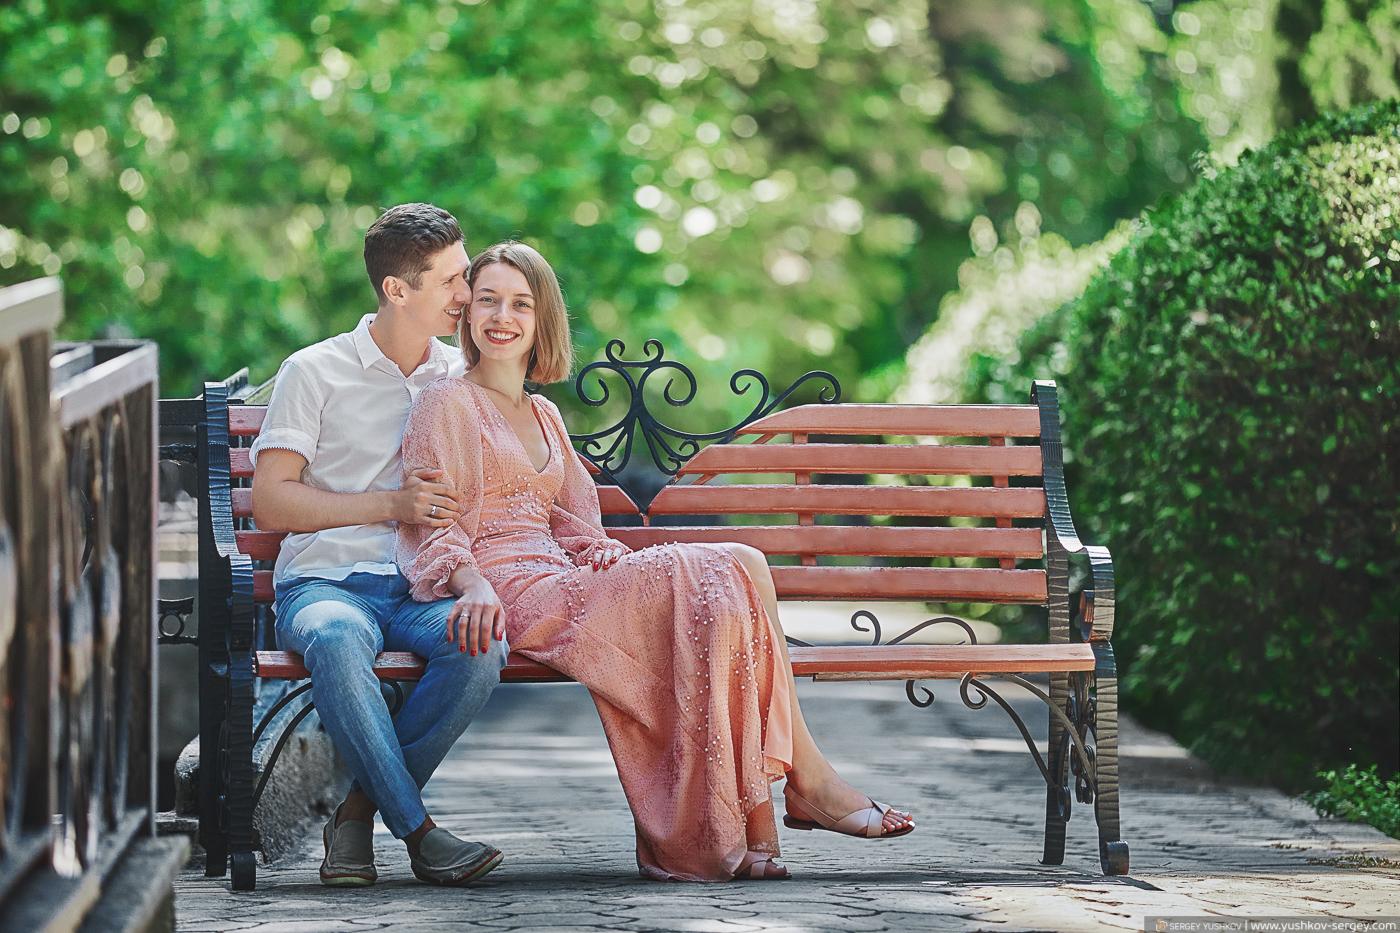 Свадьба для двоих в Крыму. Гурзуфский парк. Фотограф - Сергей Юшков.